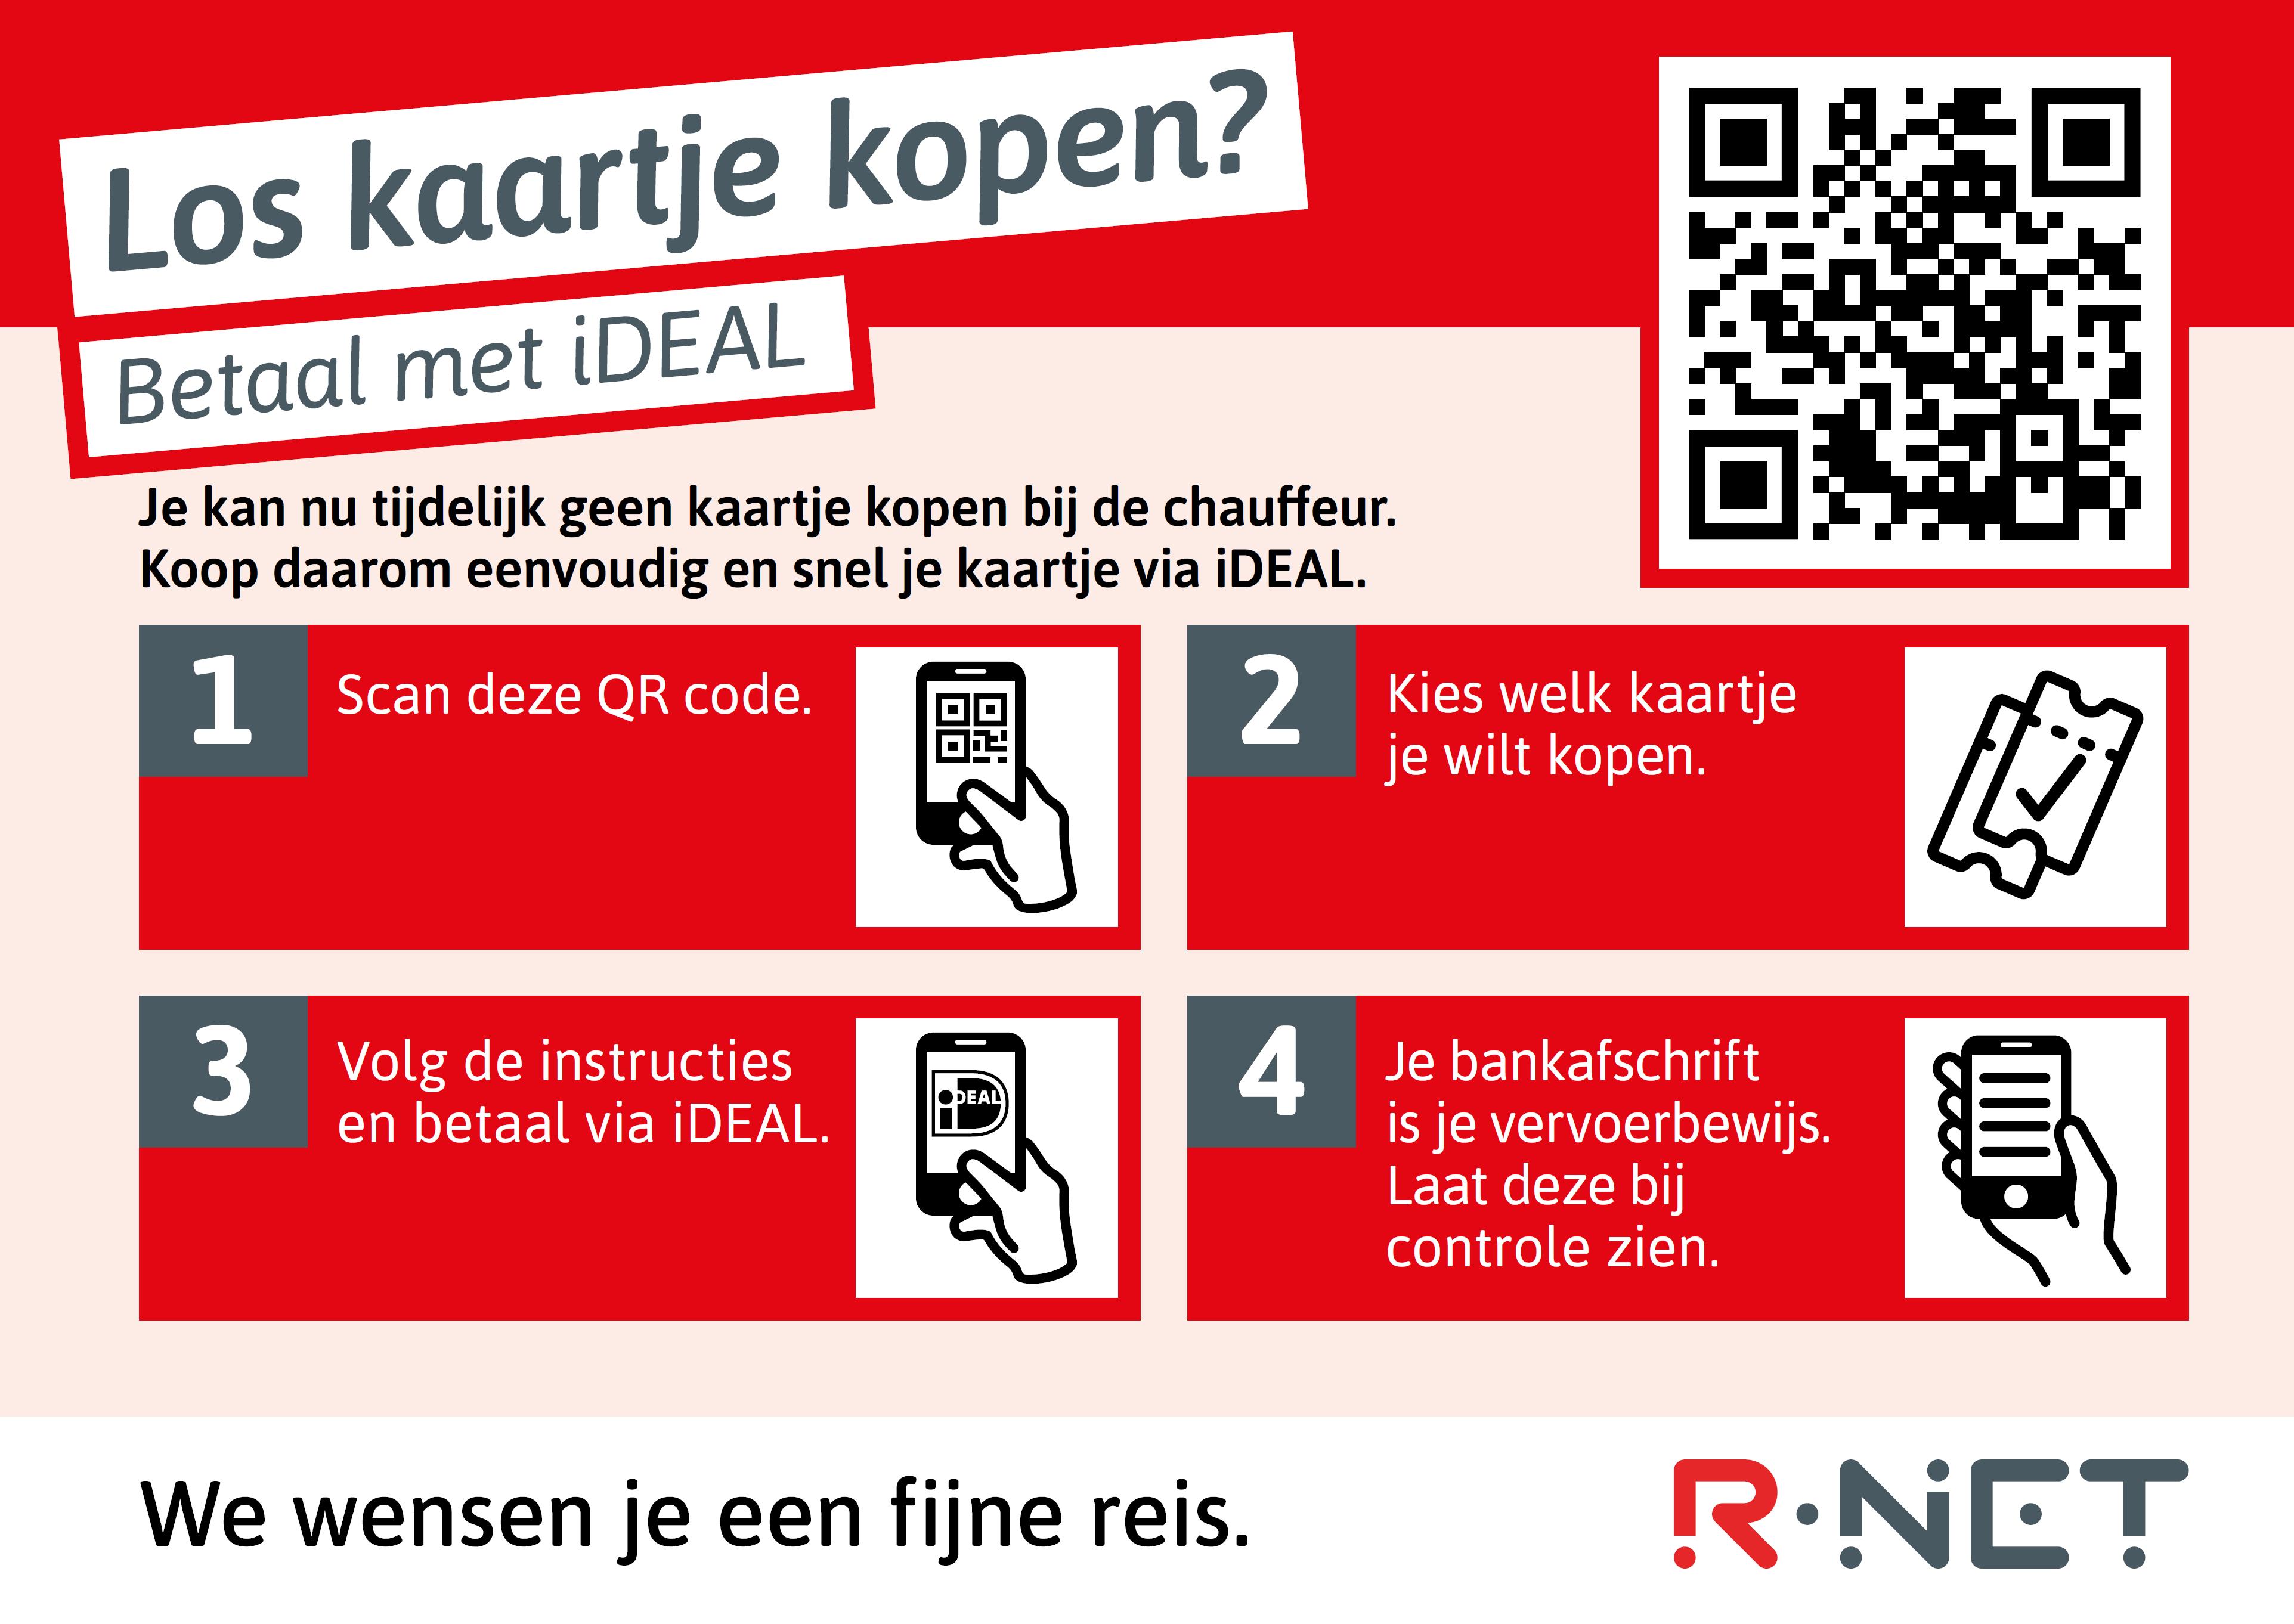 https://syntusutrecht.nl/getmedia/5e43770a-de17-4df7-b3d2-1b3169df6867/Afbeelding-sticker-iDEAL-R-net.png?width=3847&height=2724&ext=.png